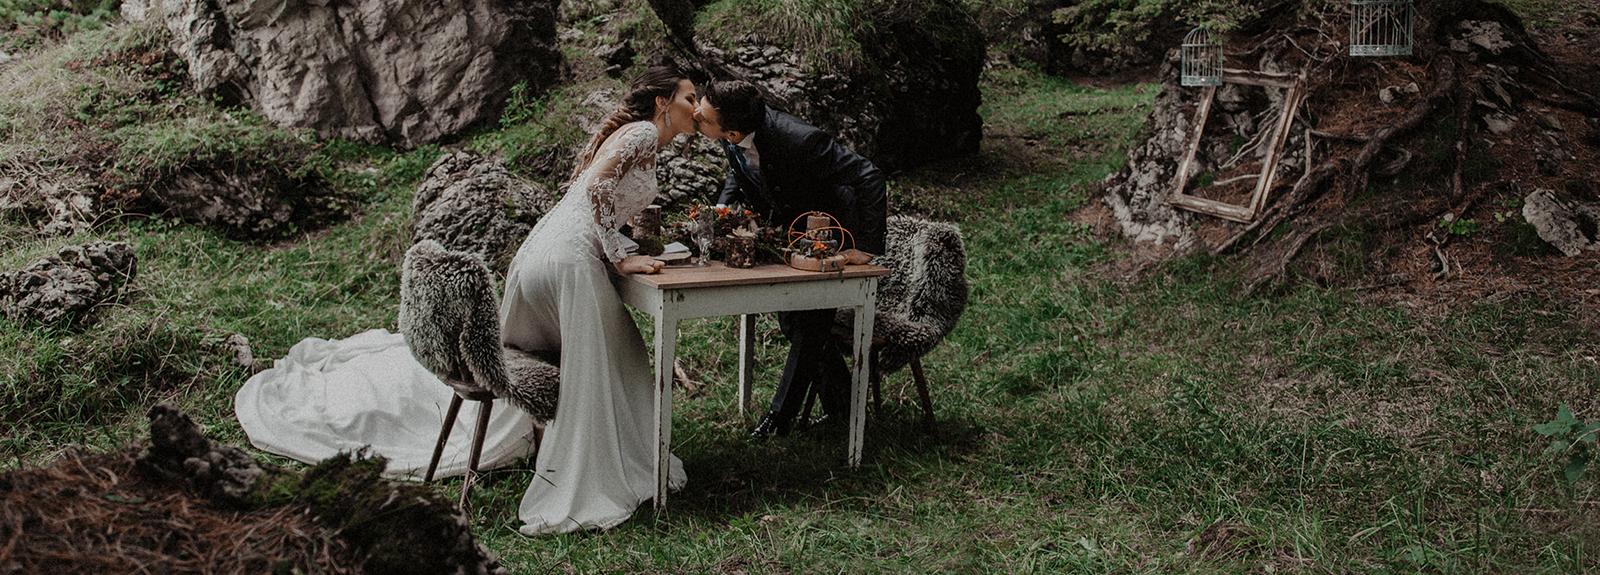 Heiraten in Südtirol - dem Brautpaar verpflichtet